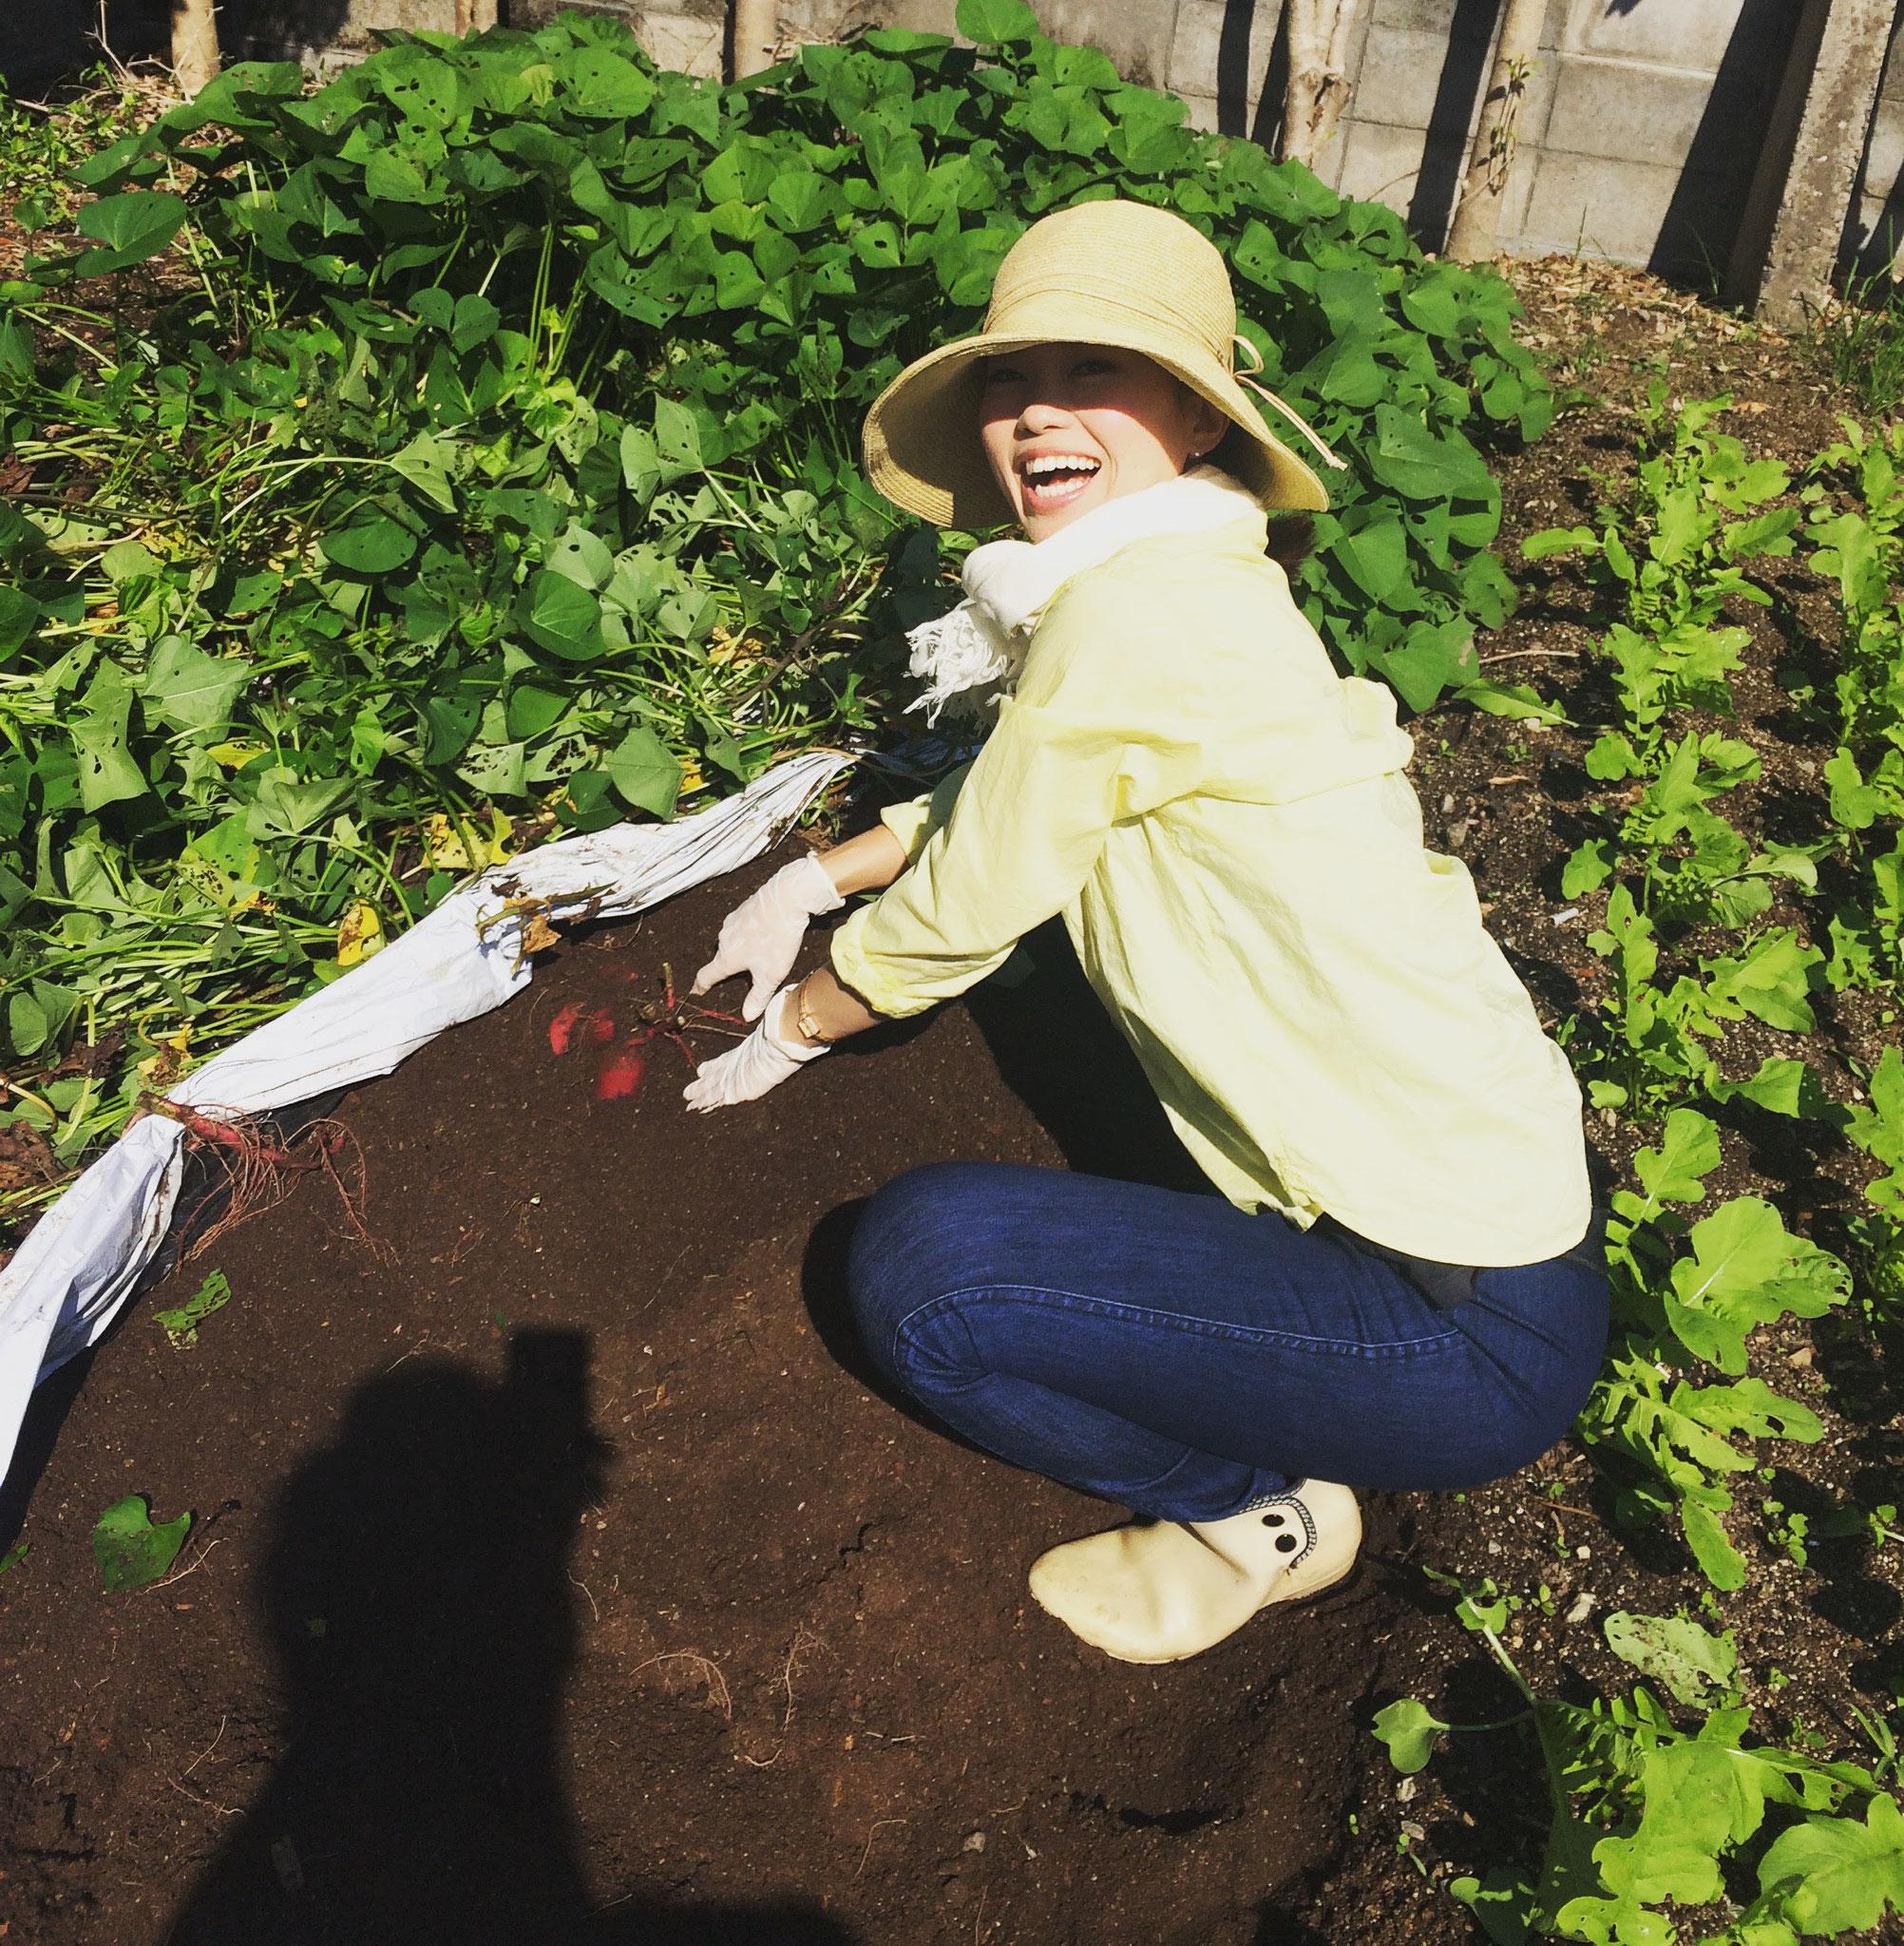 芋の収穫祭!掘る瞬間は忘れられない!